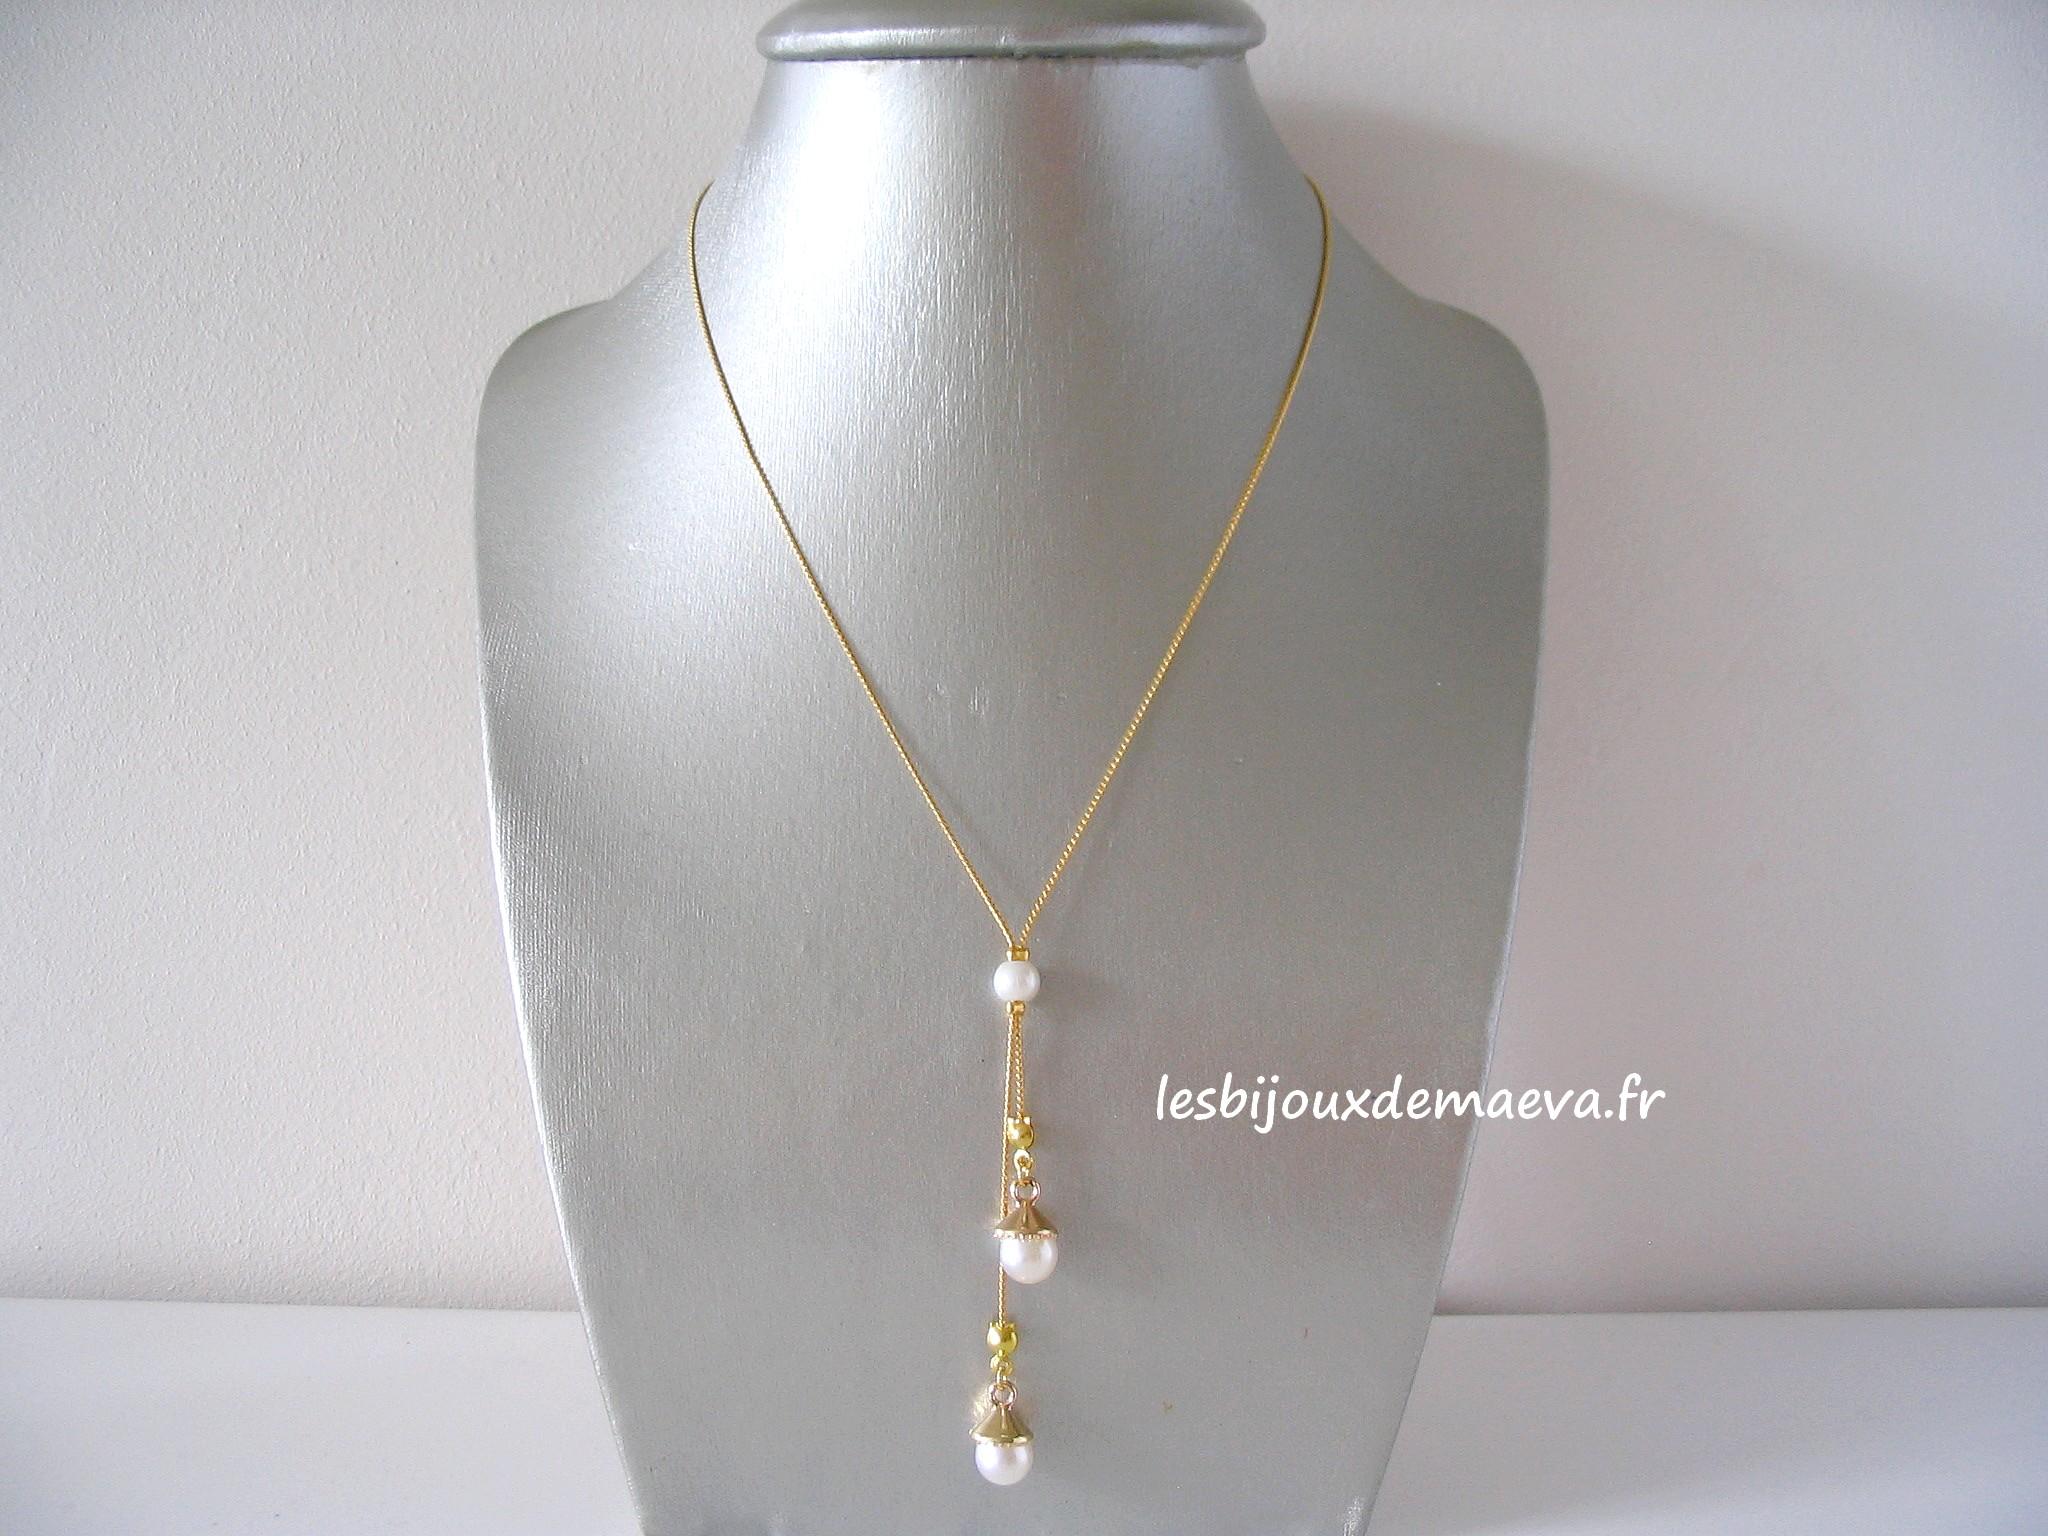 collier fantaisie mariage perles ivoire et dor tout simplement. Black Bedroom Furniture Sets. Home Design Ideas